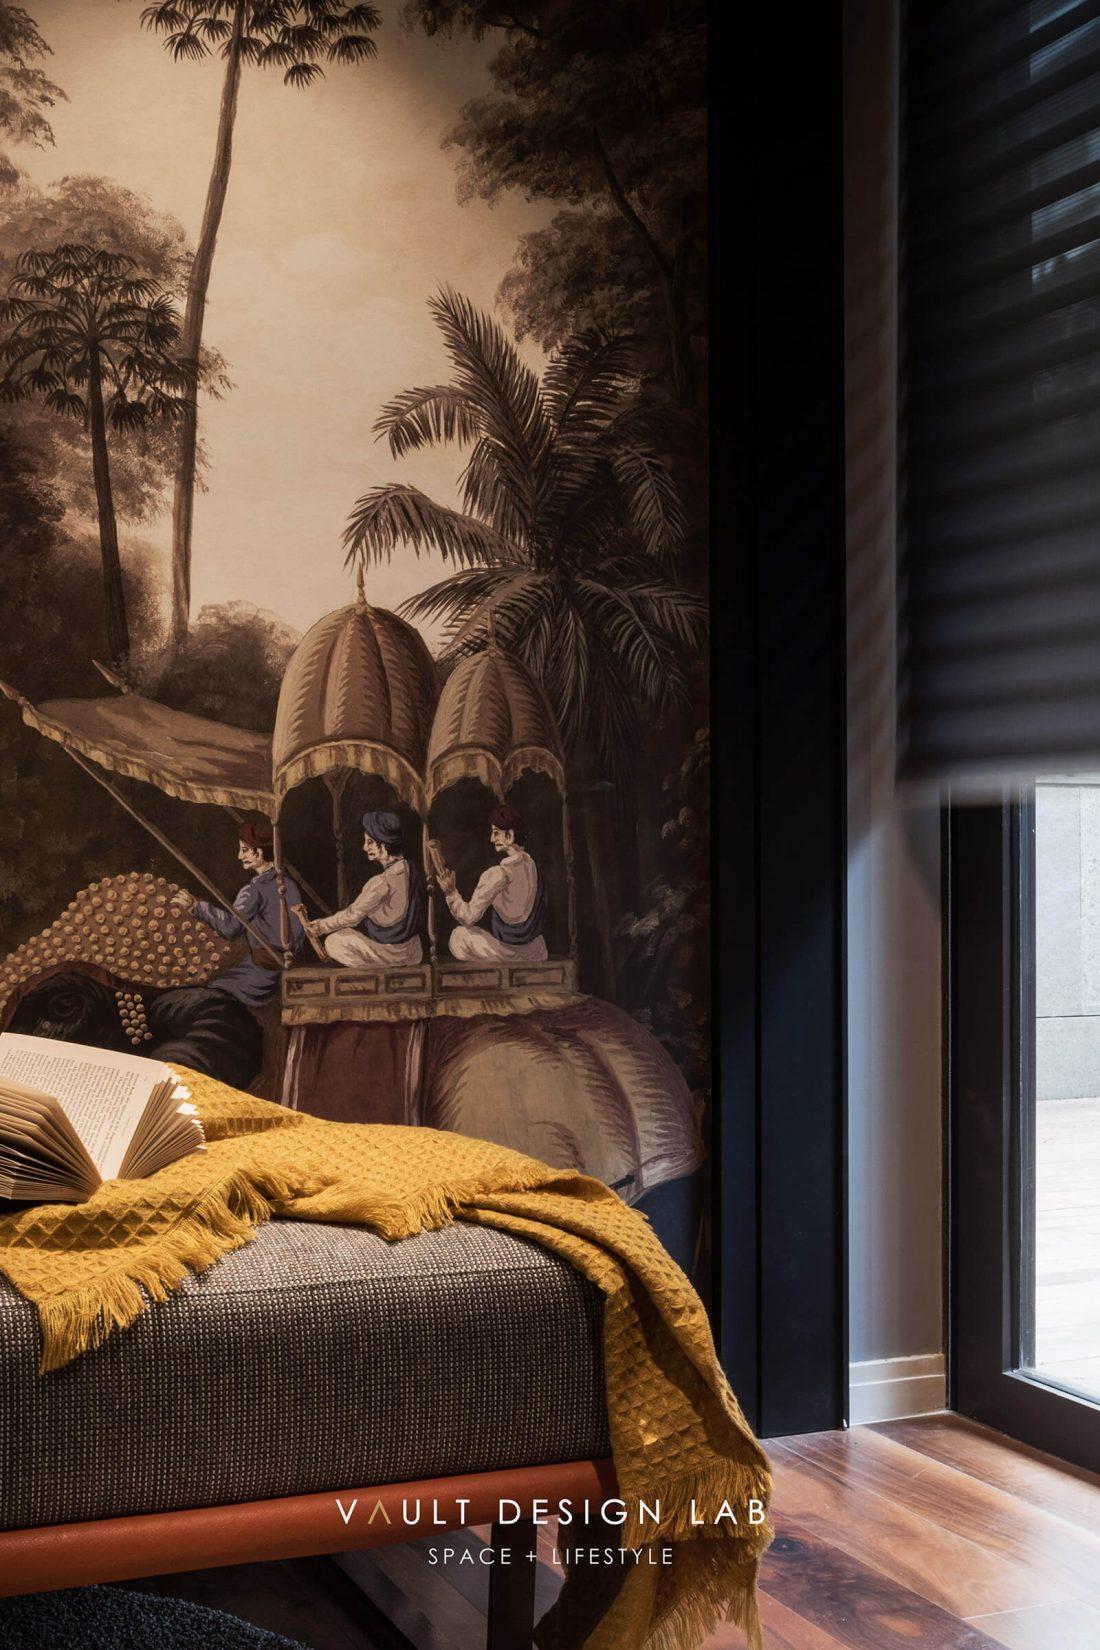 Interior-Design-Shorefront-Condominium-Ytl-Penang-Malaysia-Study-Room-Design-v5